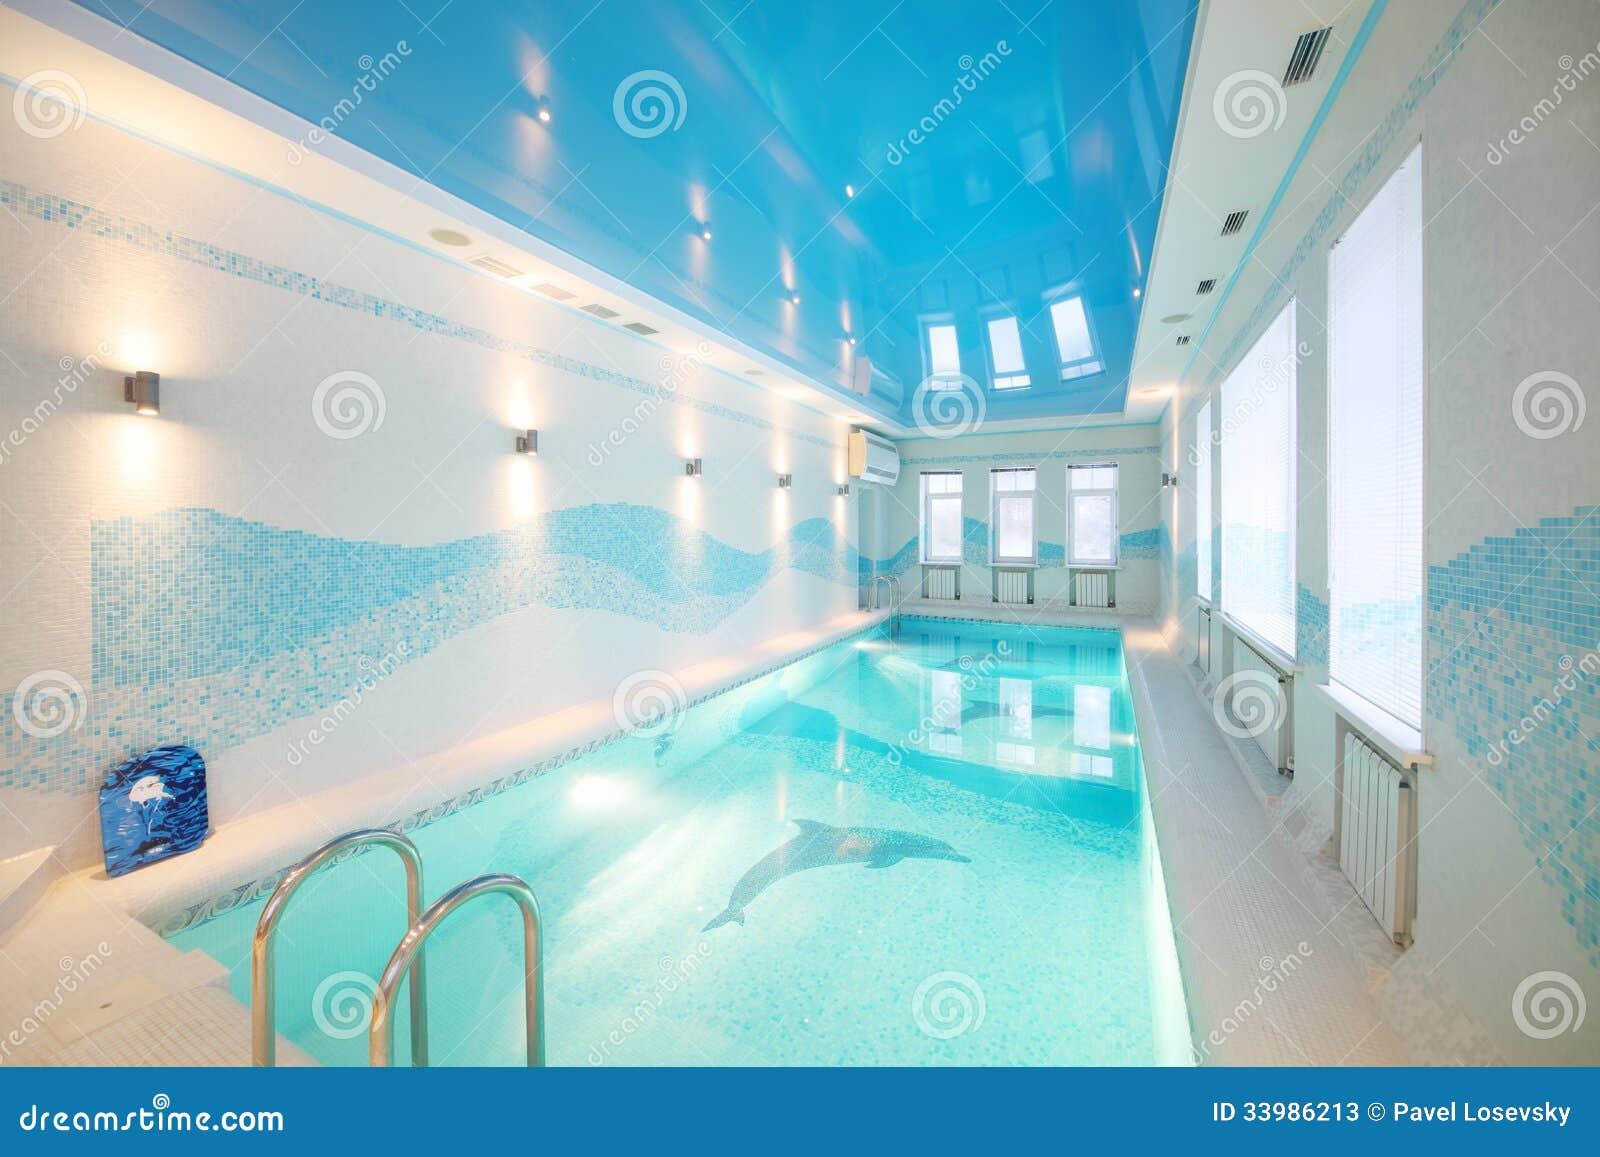 Крытый бассейн с изображениями дельфинов в основании и чистой воды